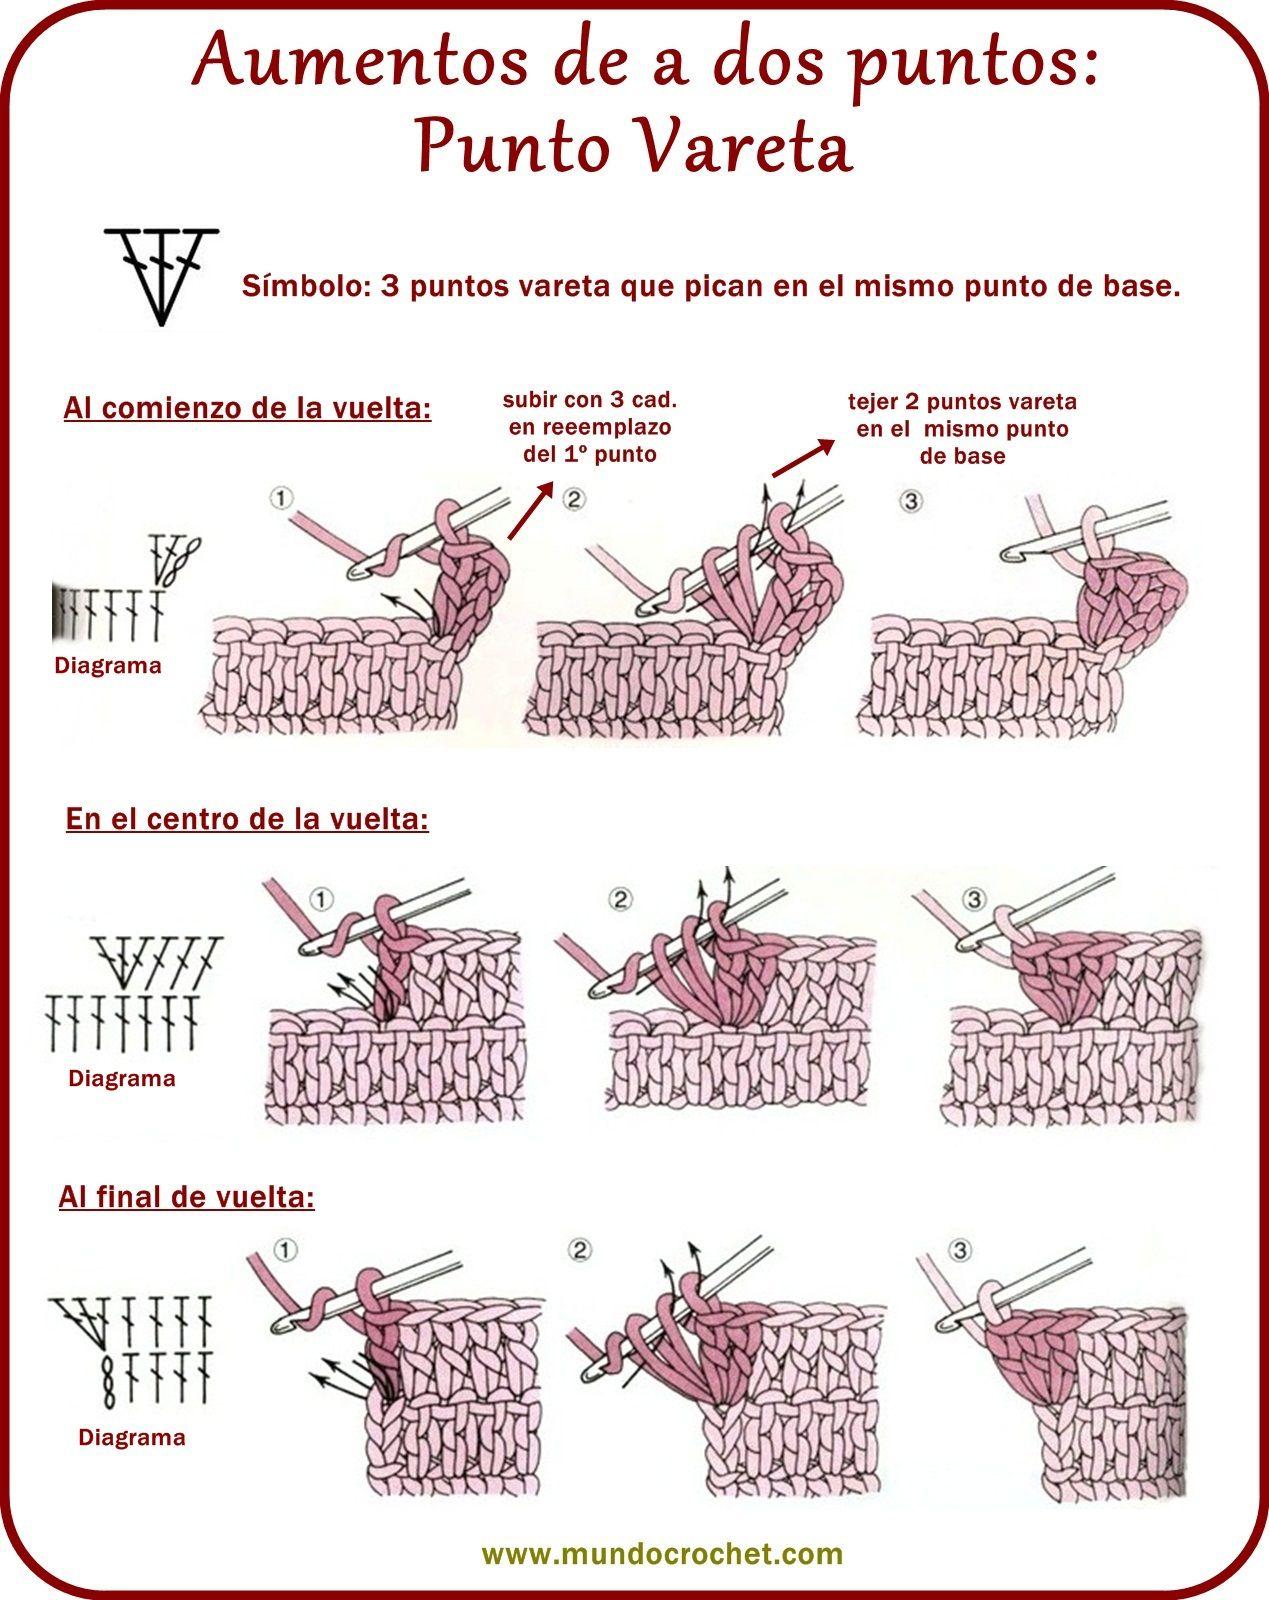 Aumentos de a dos puntos en crochet mundo crochet - Puntos crochet trapillo ...